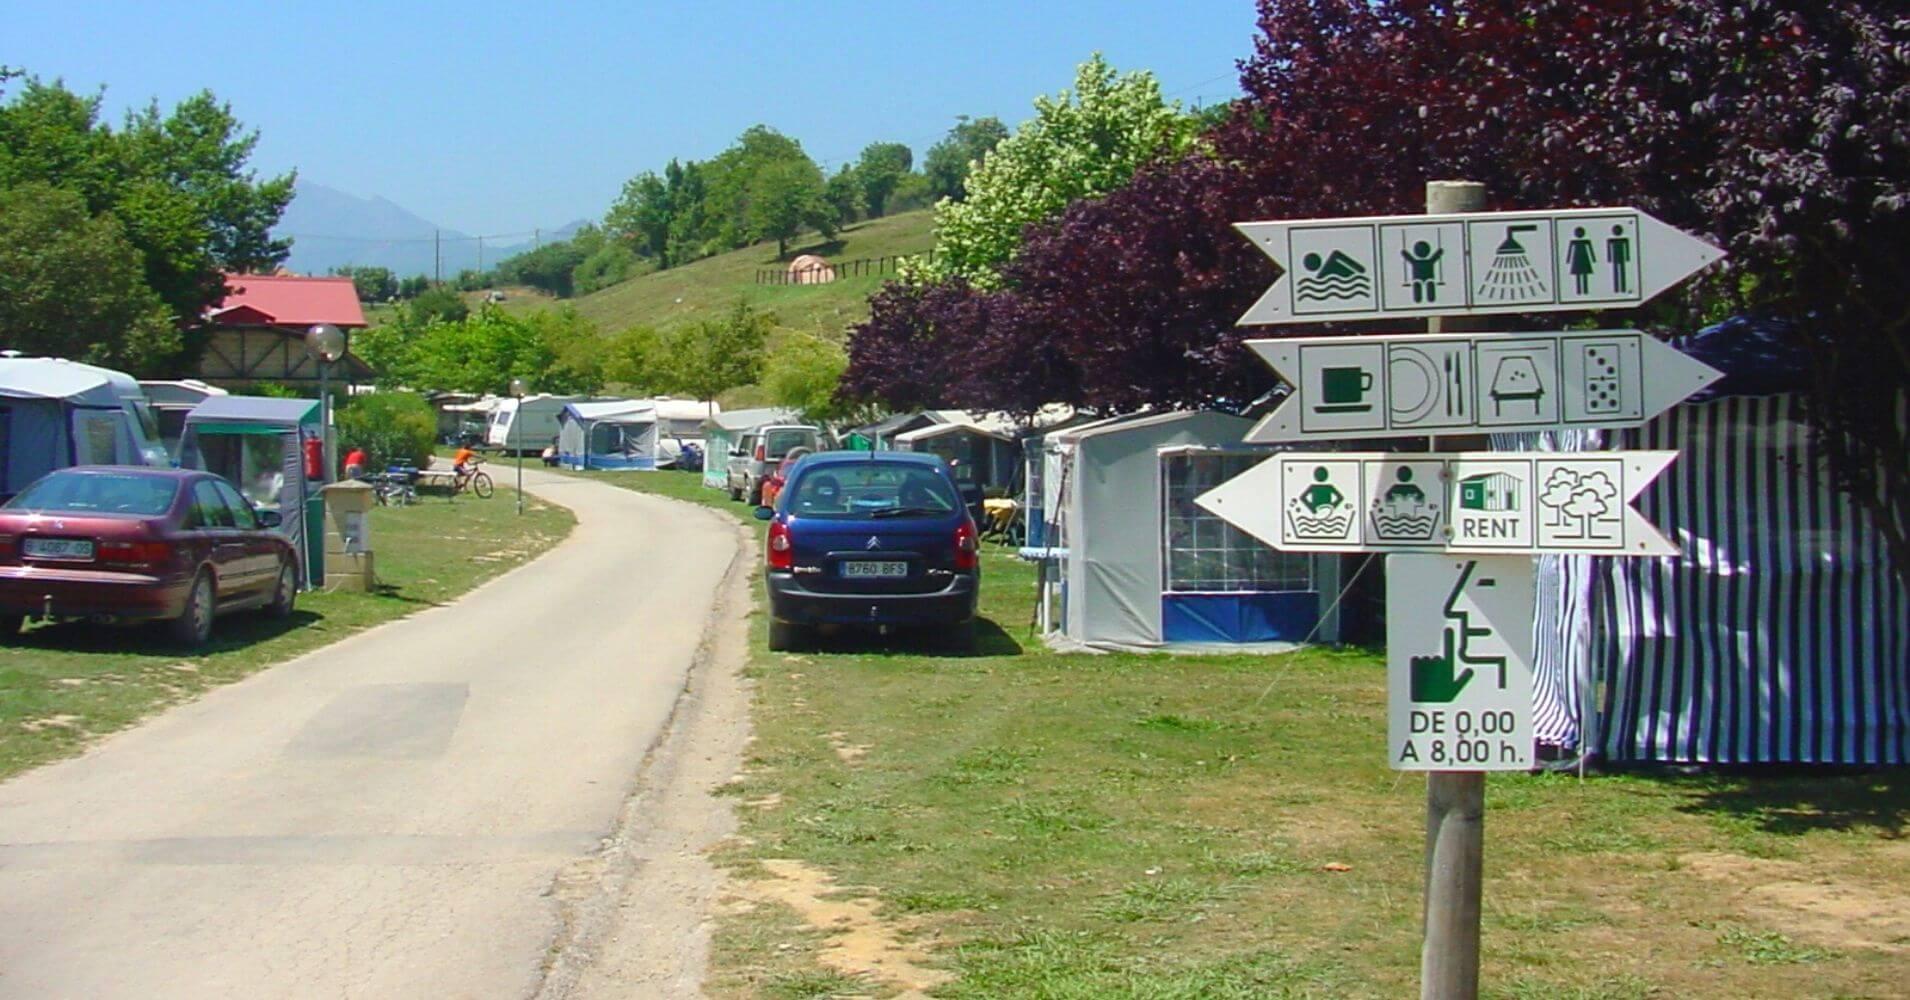 Camping Ribadesella en Asturias.